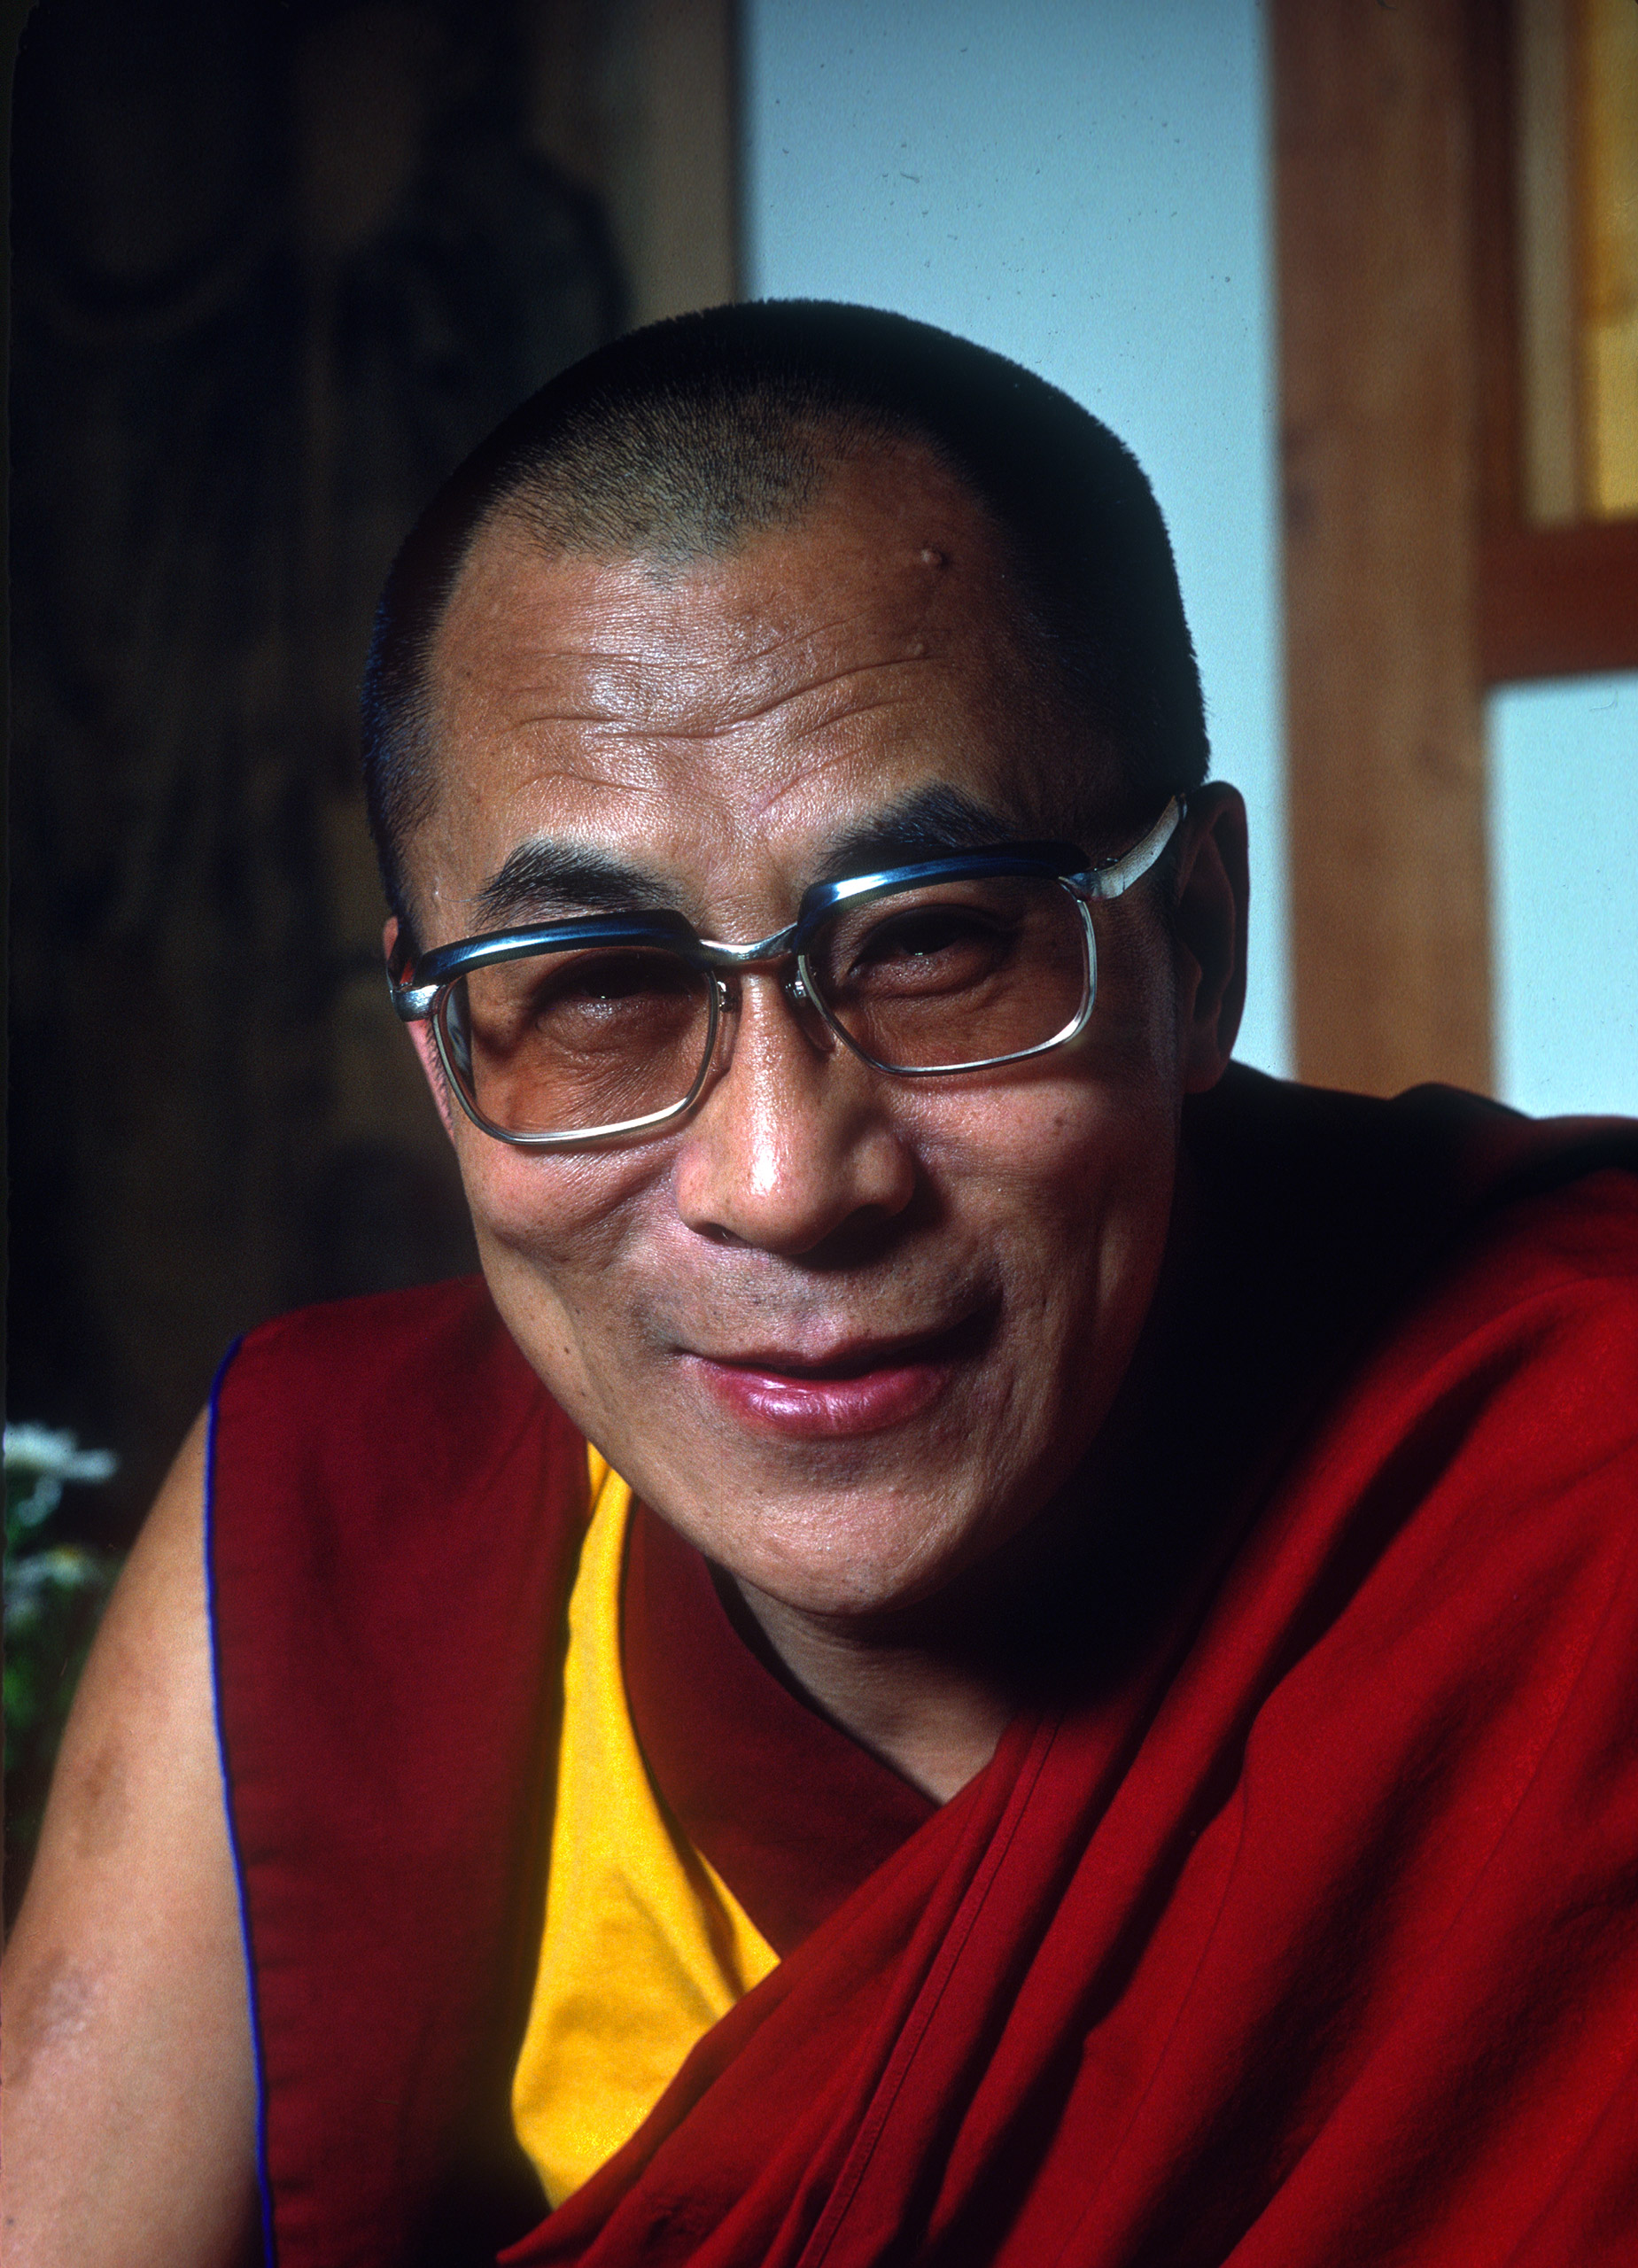 Portrait of the Dalai Lama.